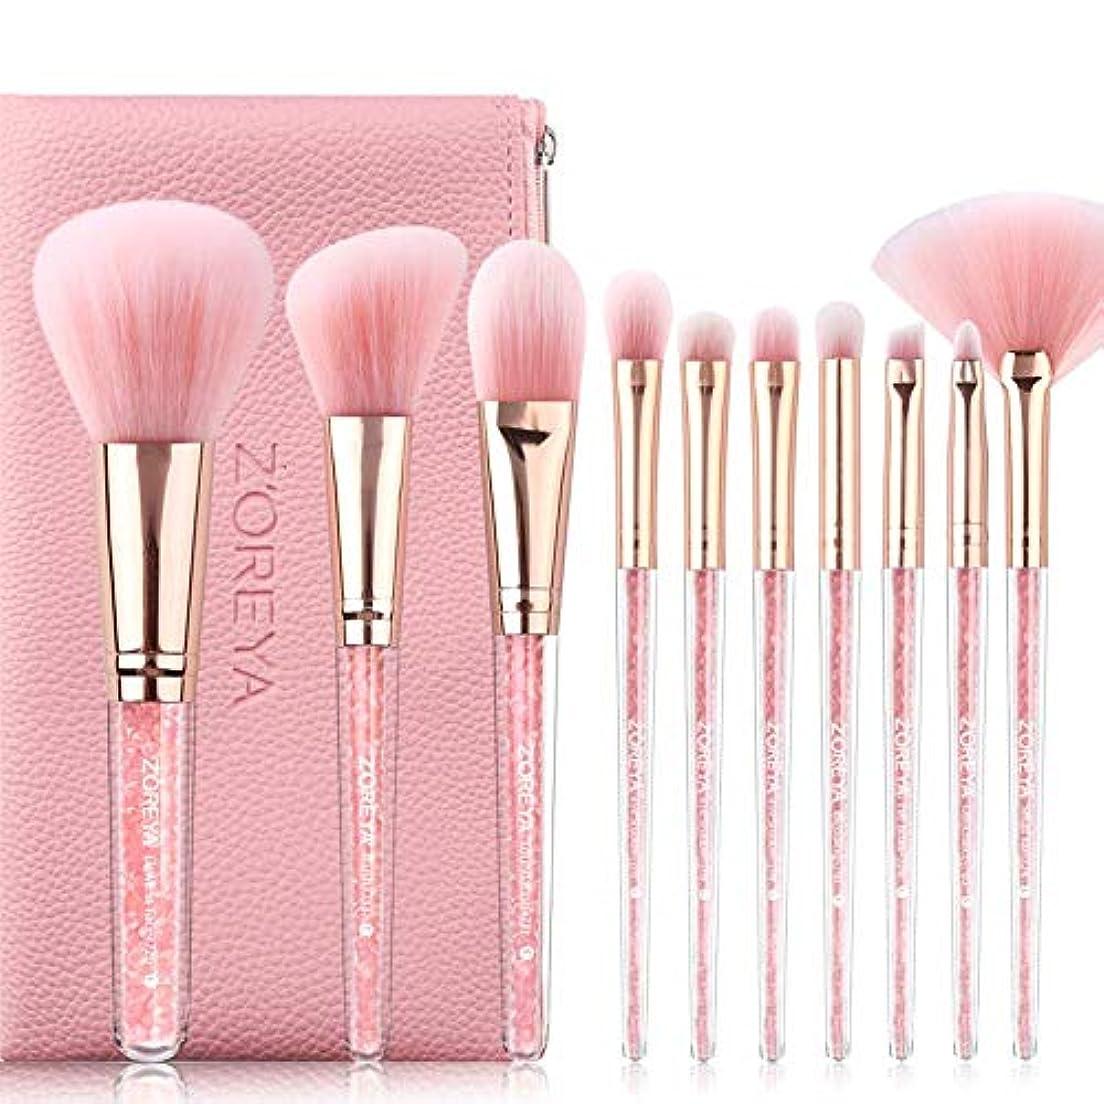 楽しませる夢はげメイクブラシ コスメブラシ 化粧筆 専用の化粧ポーチ付き、携帯便利 可愛い 10本セッ本セット